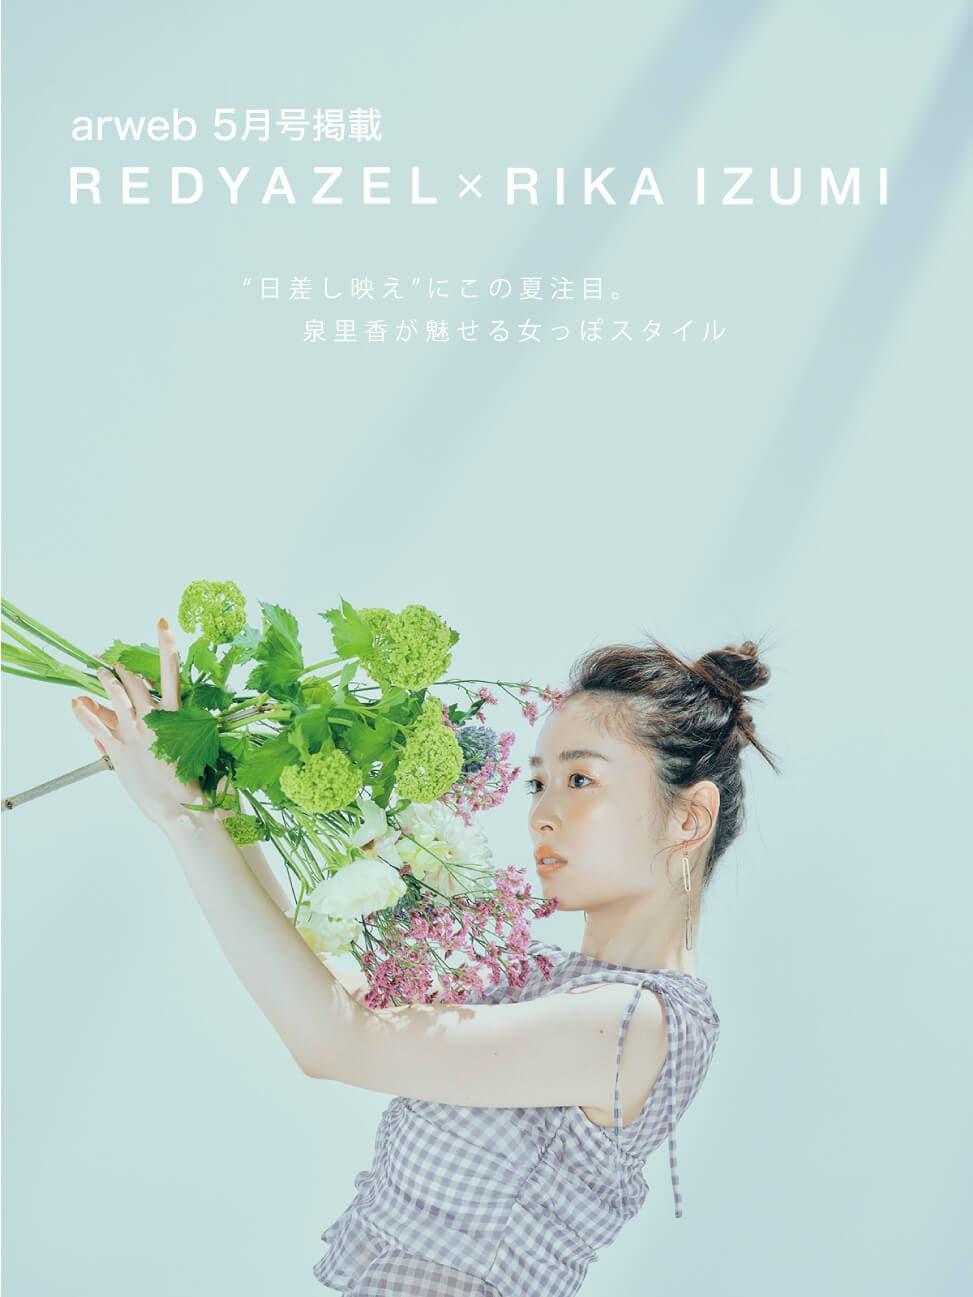 arweb掲載 REDYAZEL(レディアゼル)×RIKA IZUMI